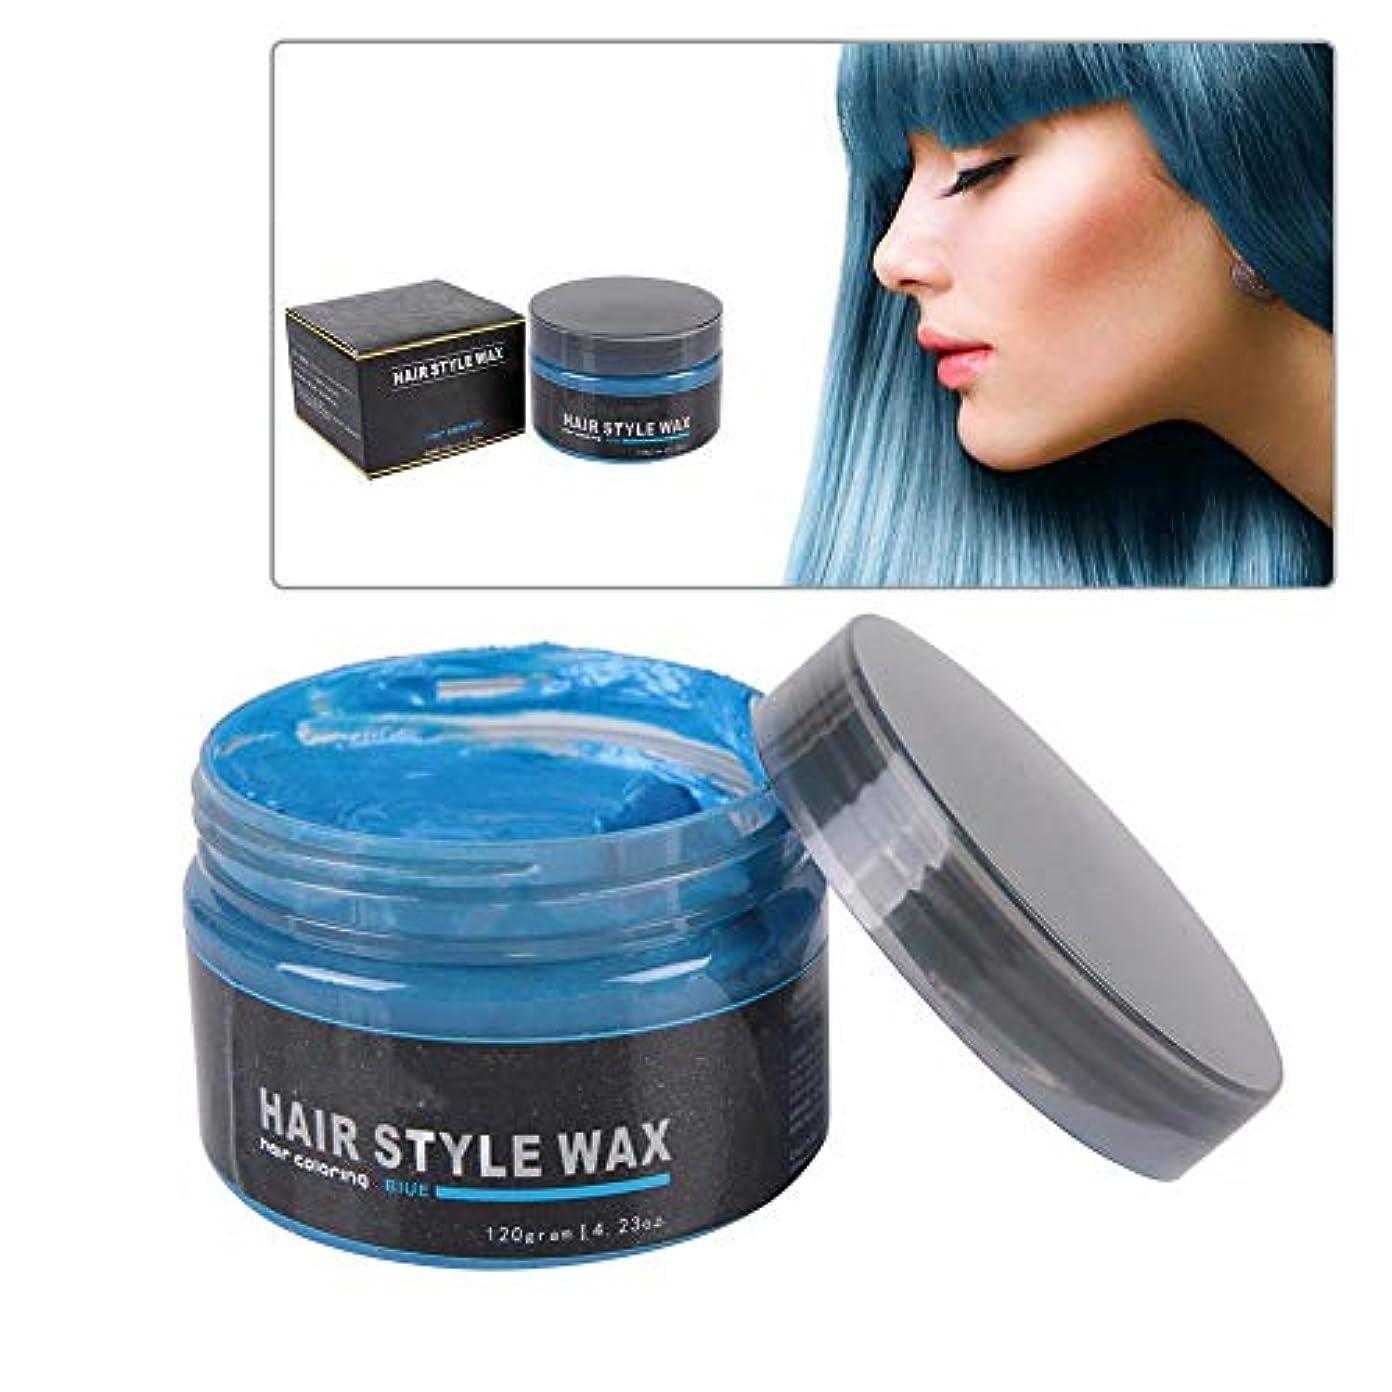 リスク前提意図的使い捨ての新しいヘアカラーワックス、染毛剤の着色泥のヘアスタイルモデリングクリーム120グラム(ブルー)